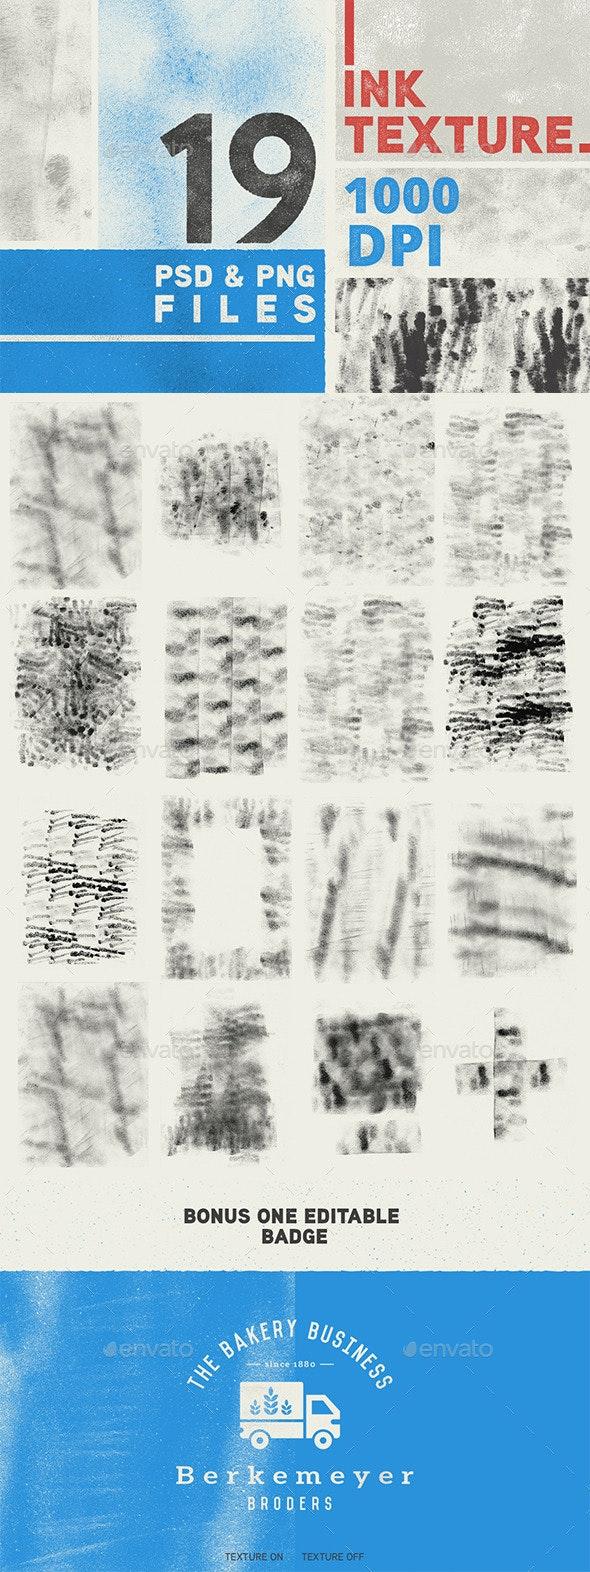 19 Ink Texture